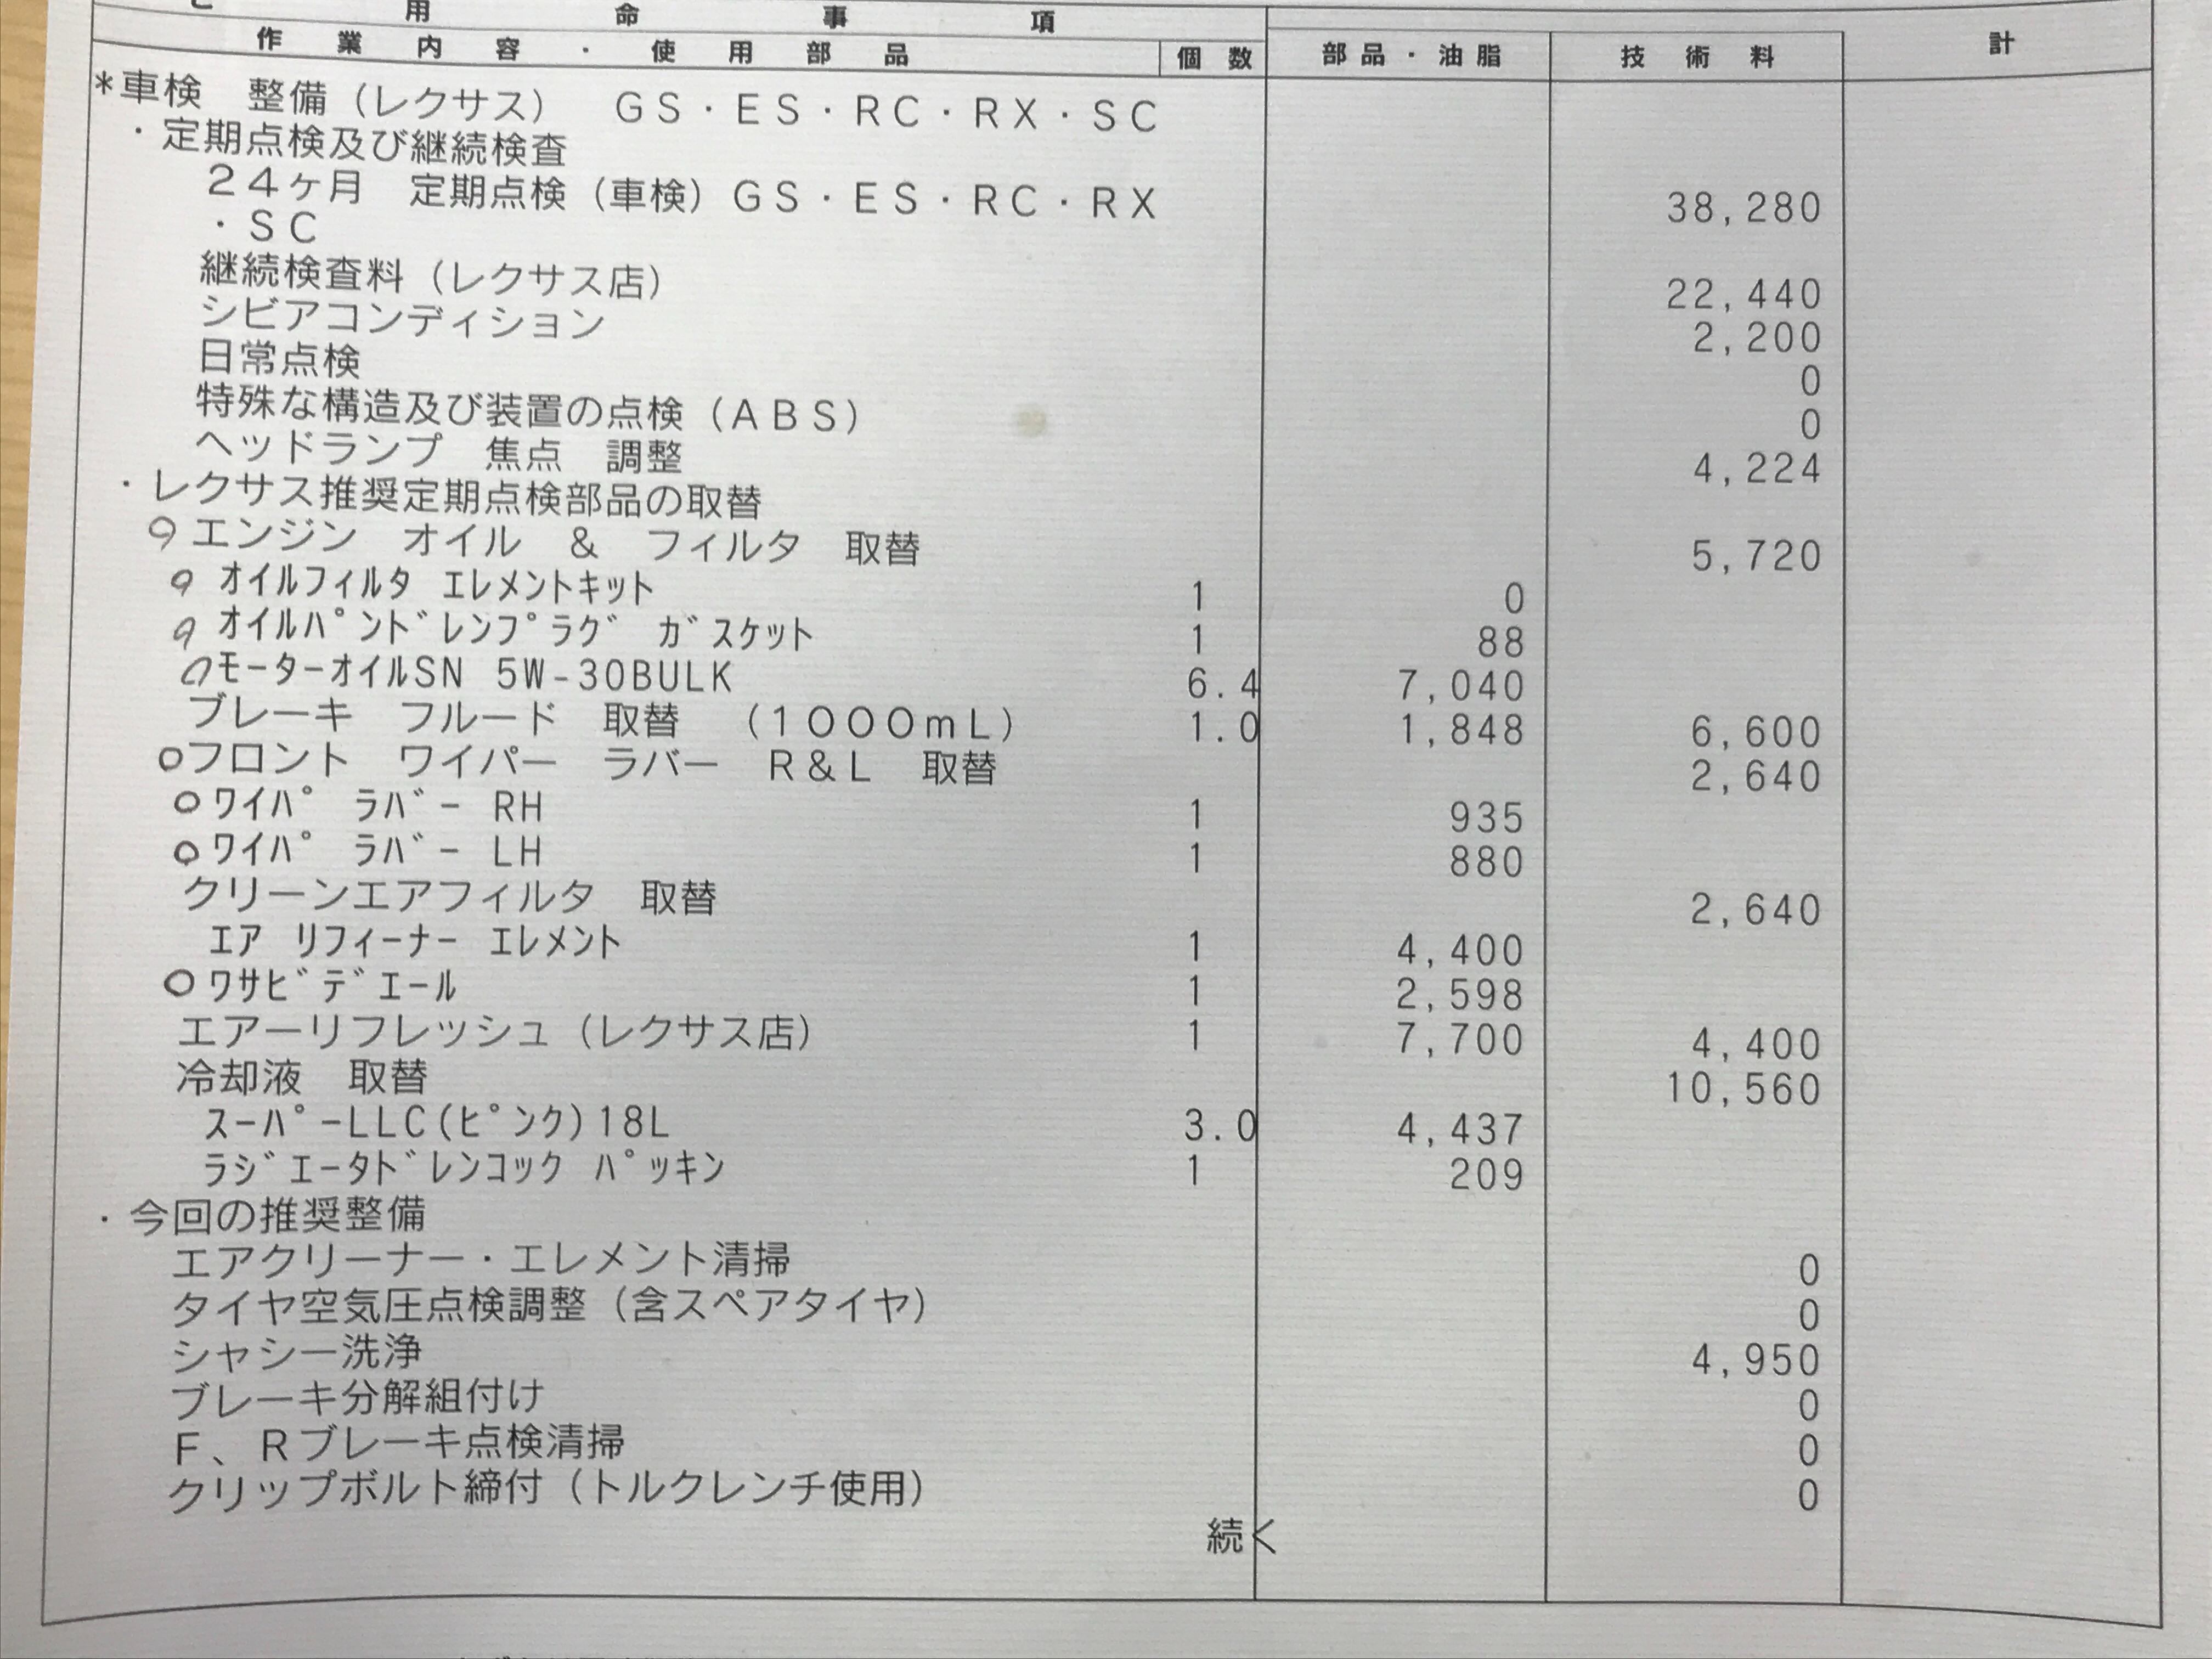 f:id:SeisoSakuya:20210107214359j:image